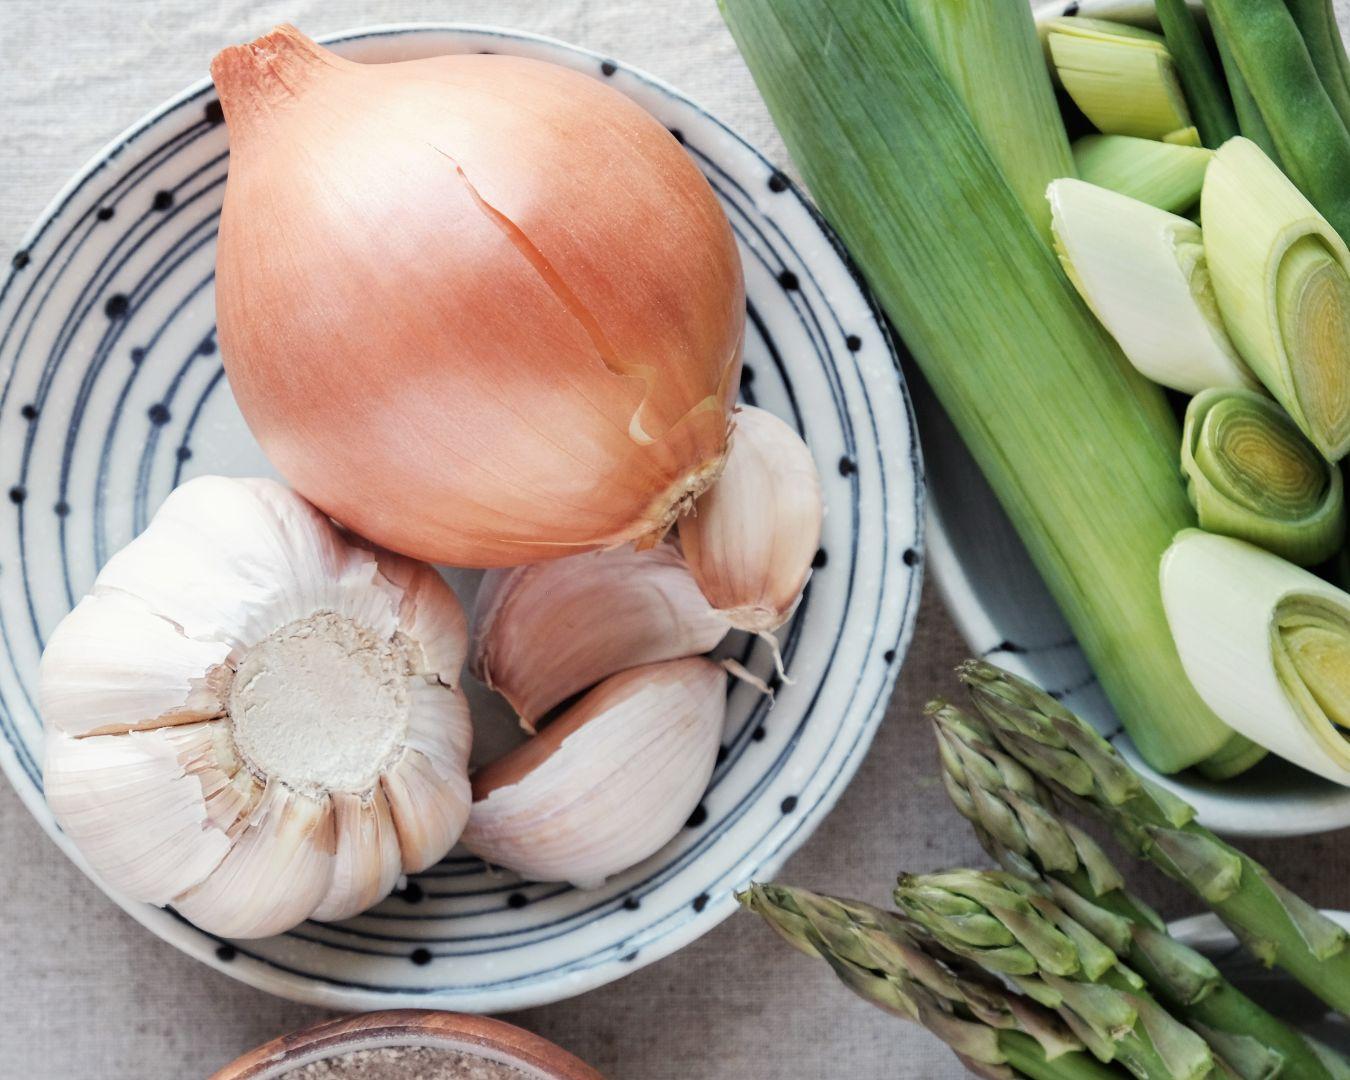 Cebolla, ajos y puerros